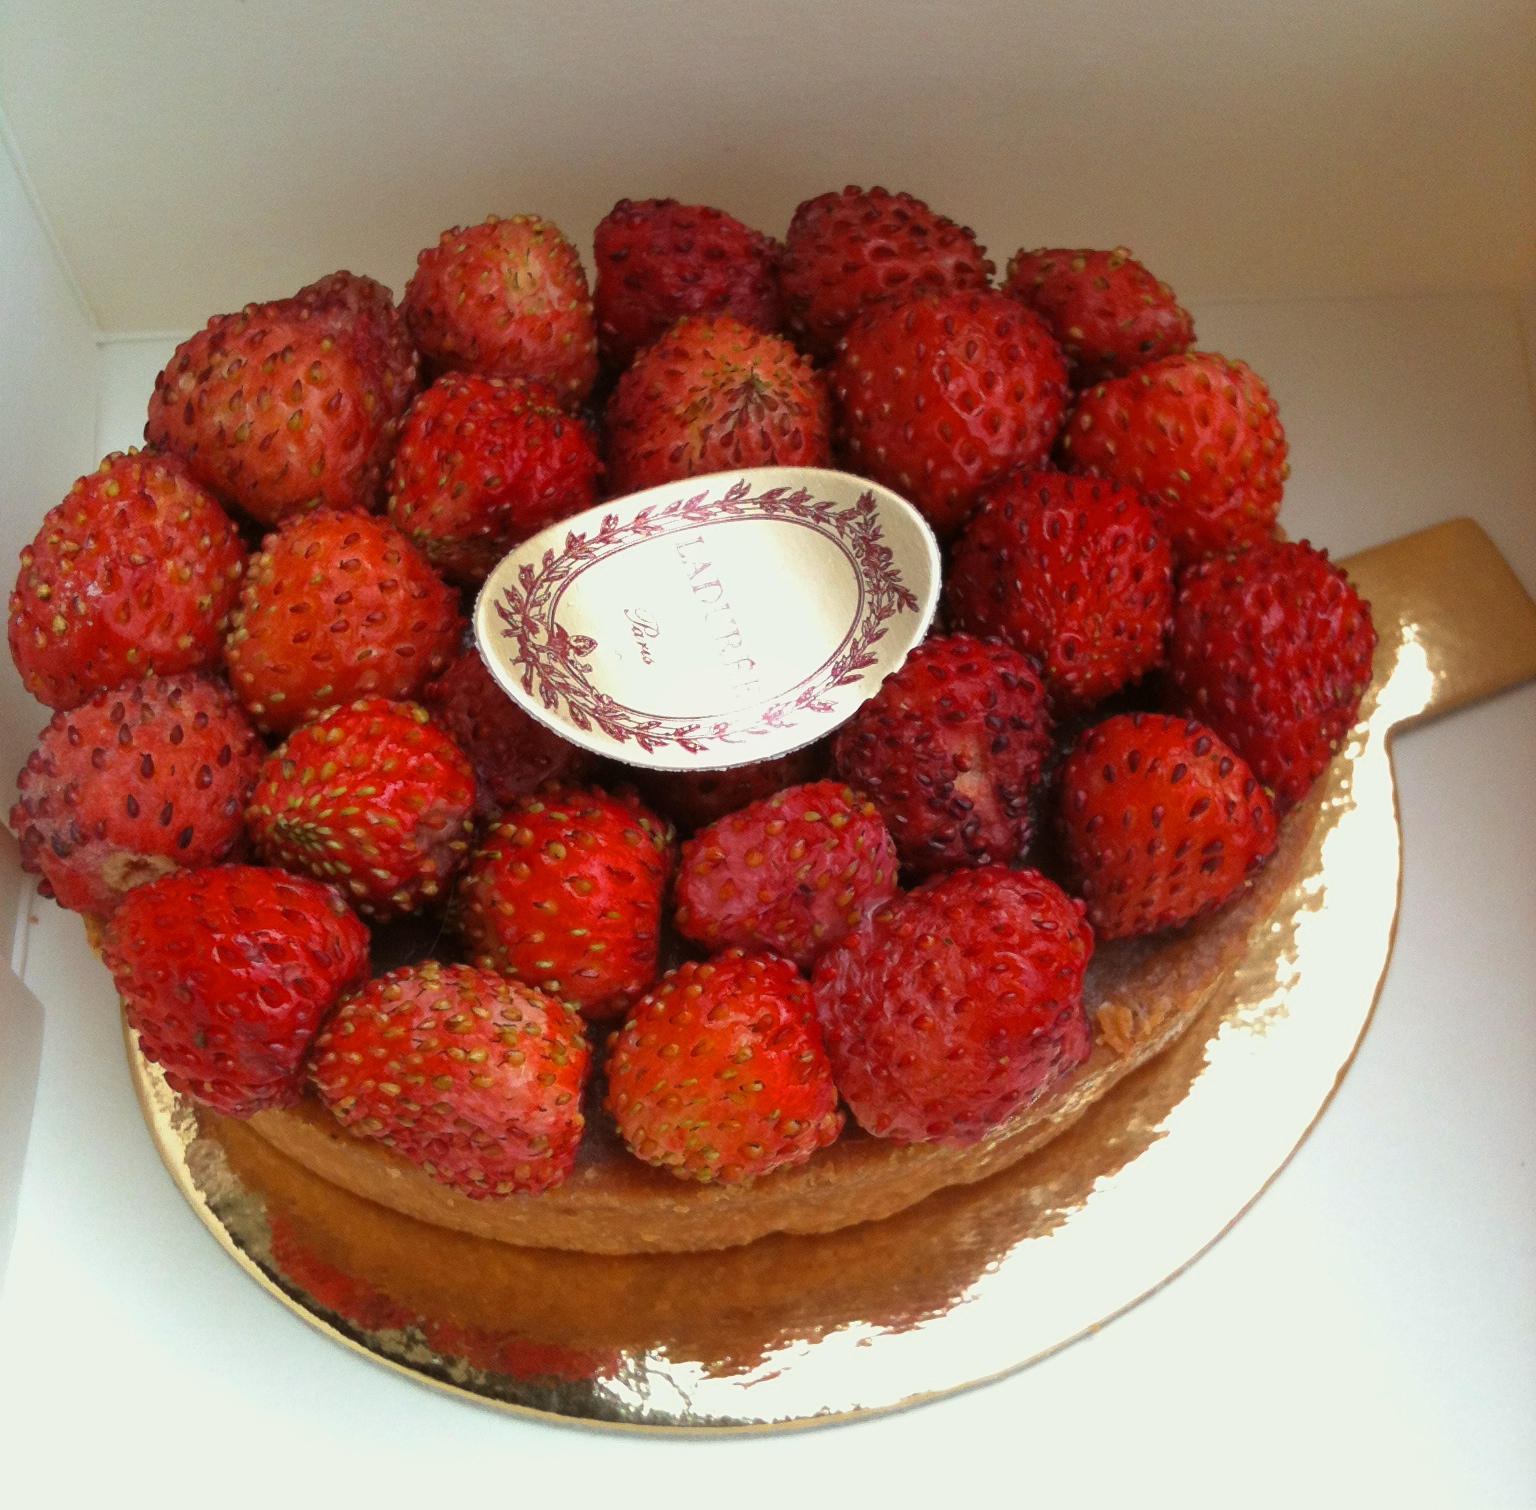 Wild strawberry tart from Laduree